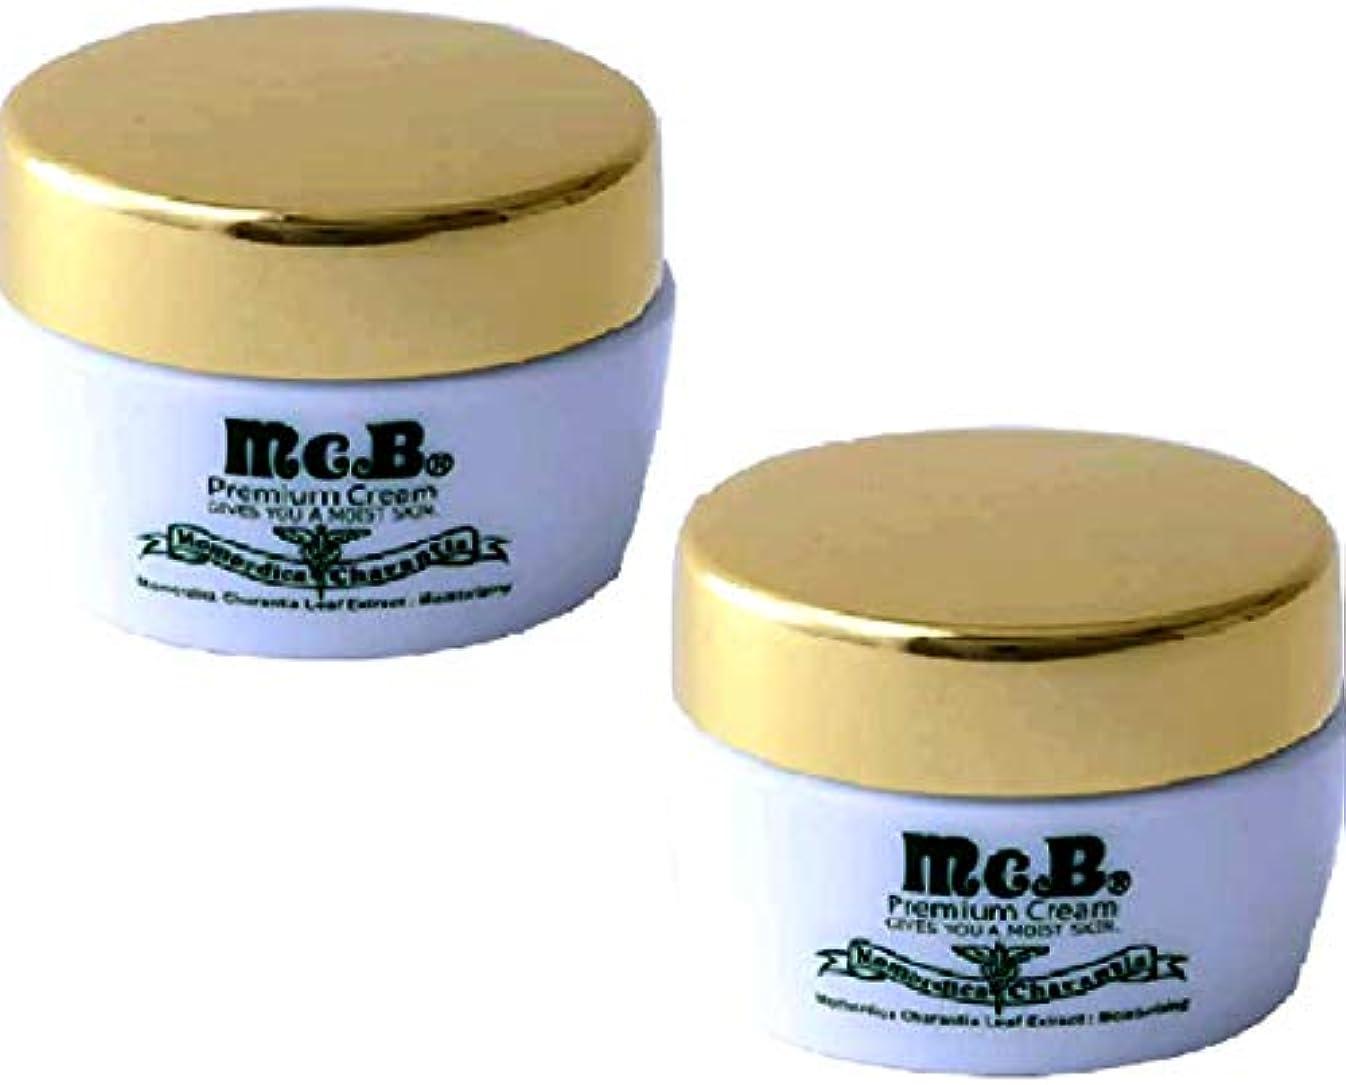 俳優の面ではモッキンバードMcB マックビー プレミアム クリーム Premium Cream 2個 セット 正規代理店